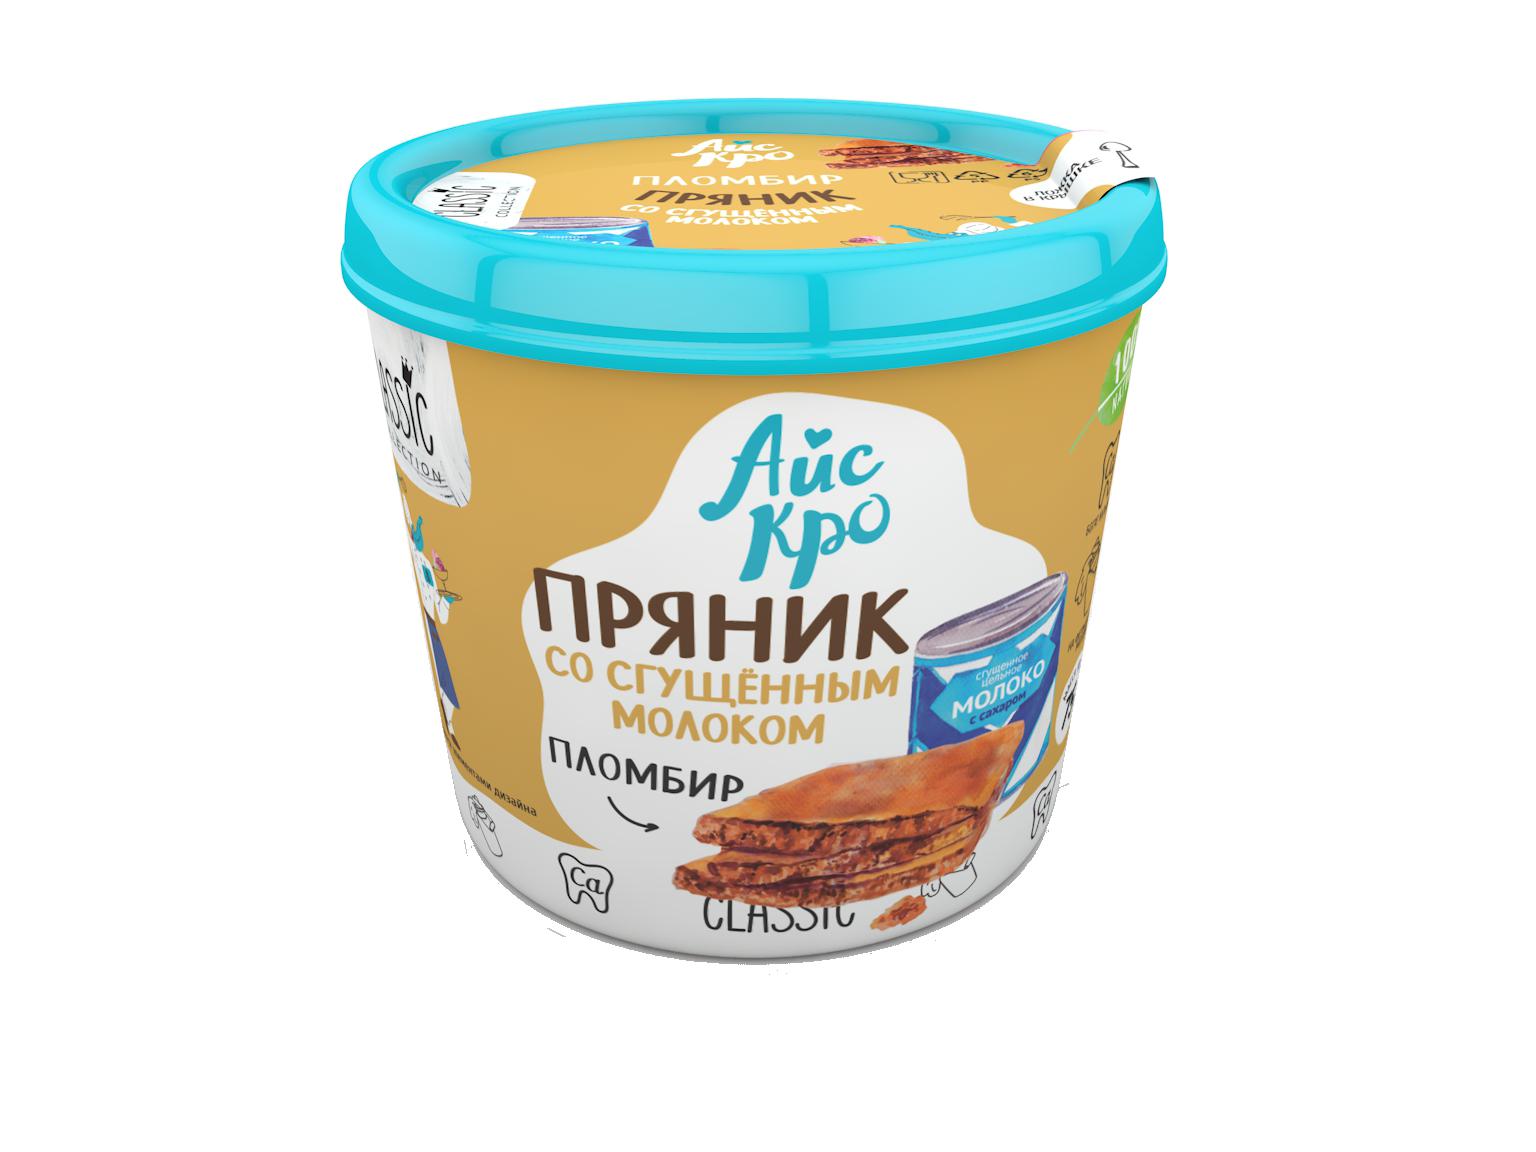 мороженое айскро пряник со сгущеным молоком